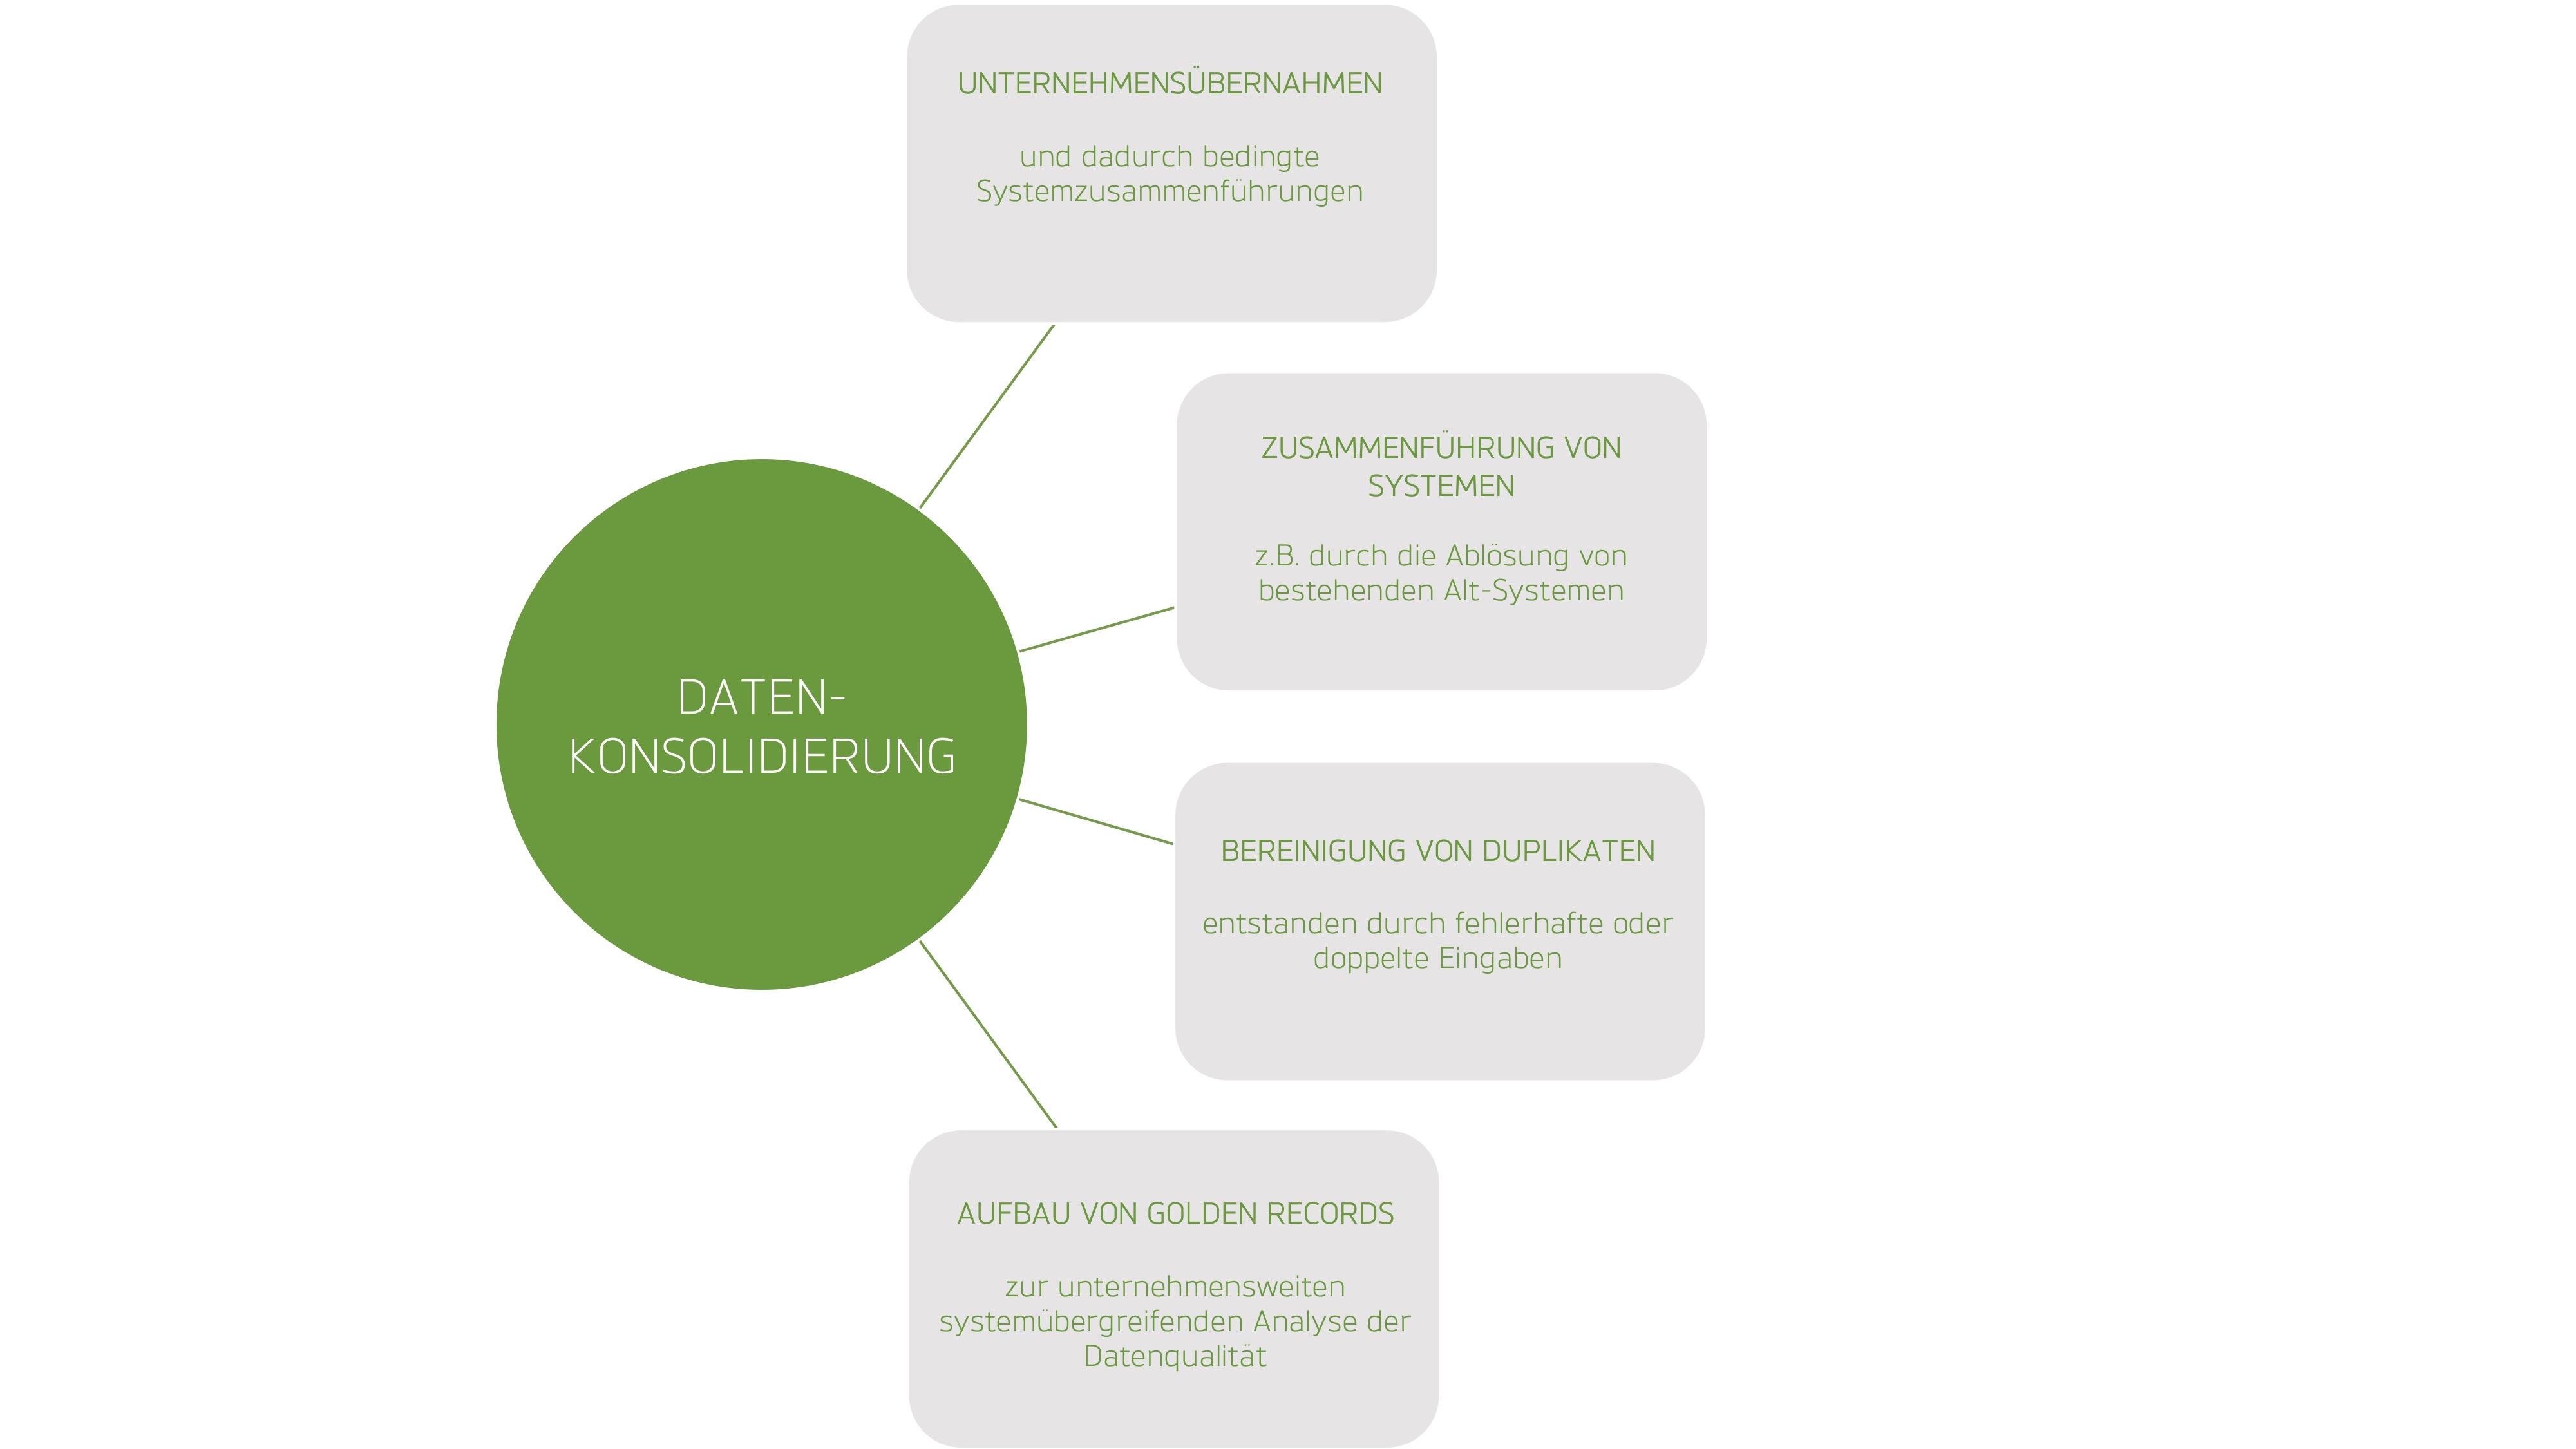 Gründe für eine Datenkonsolidierung